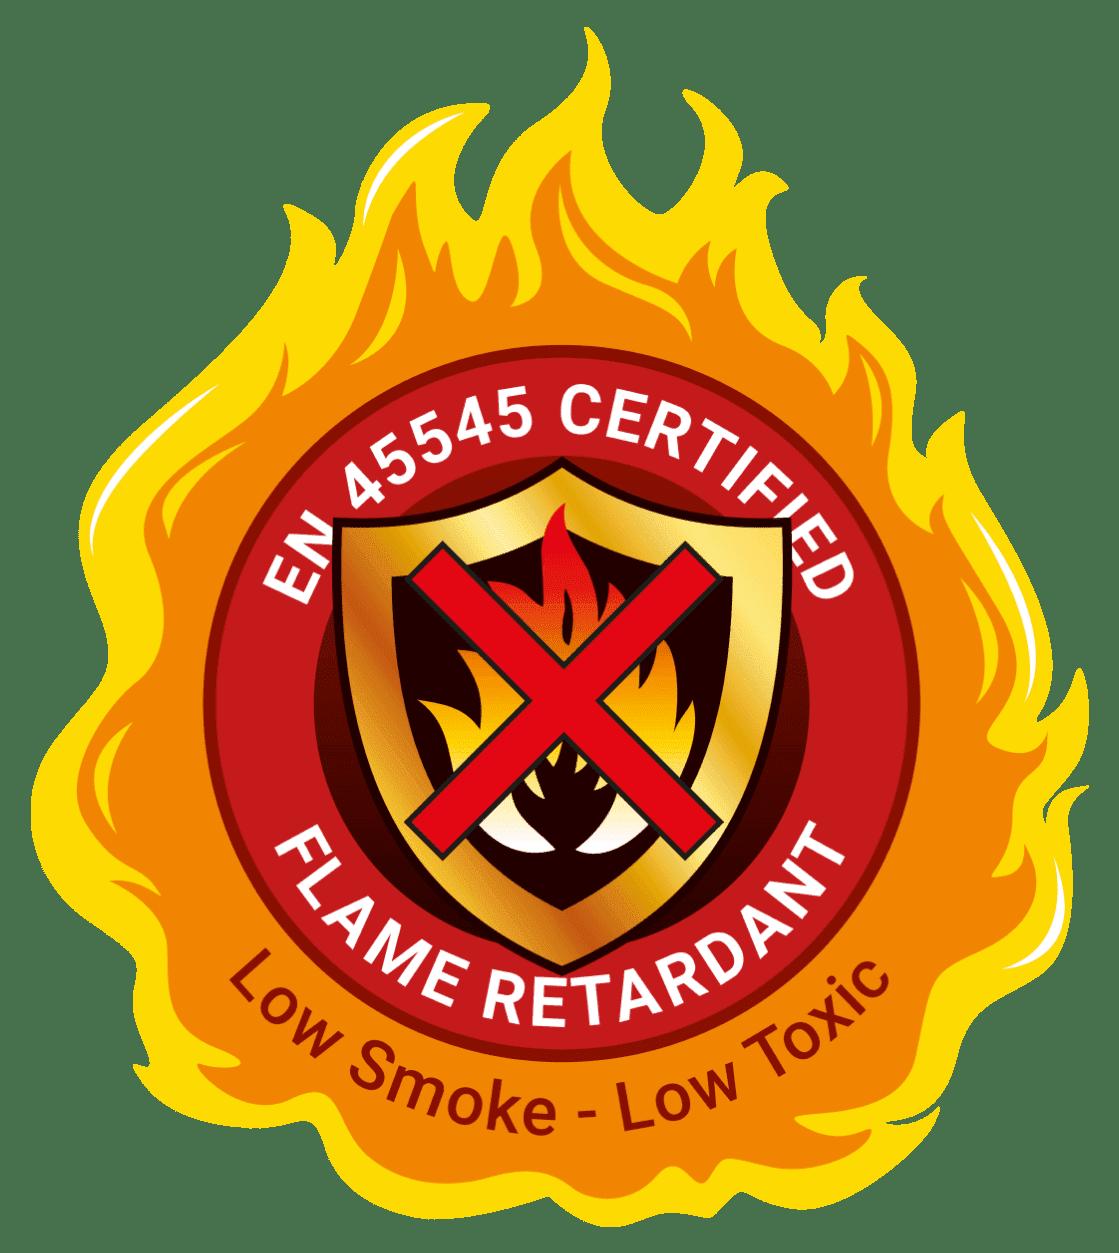 EN 45545 certified